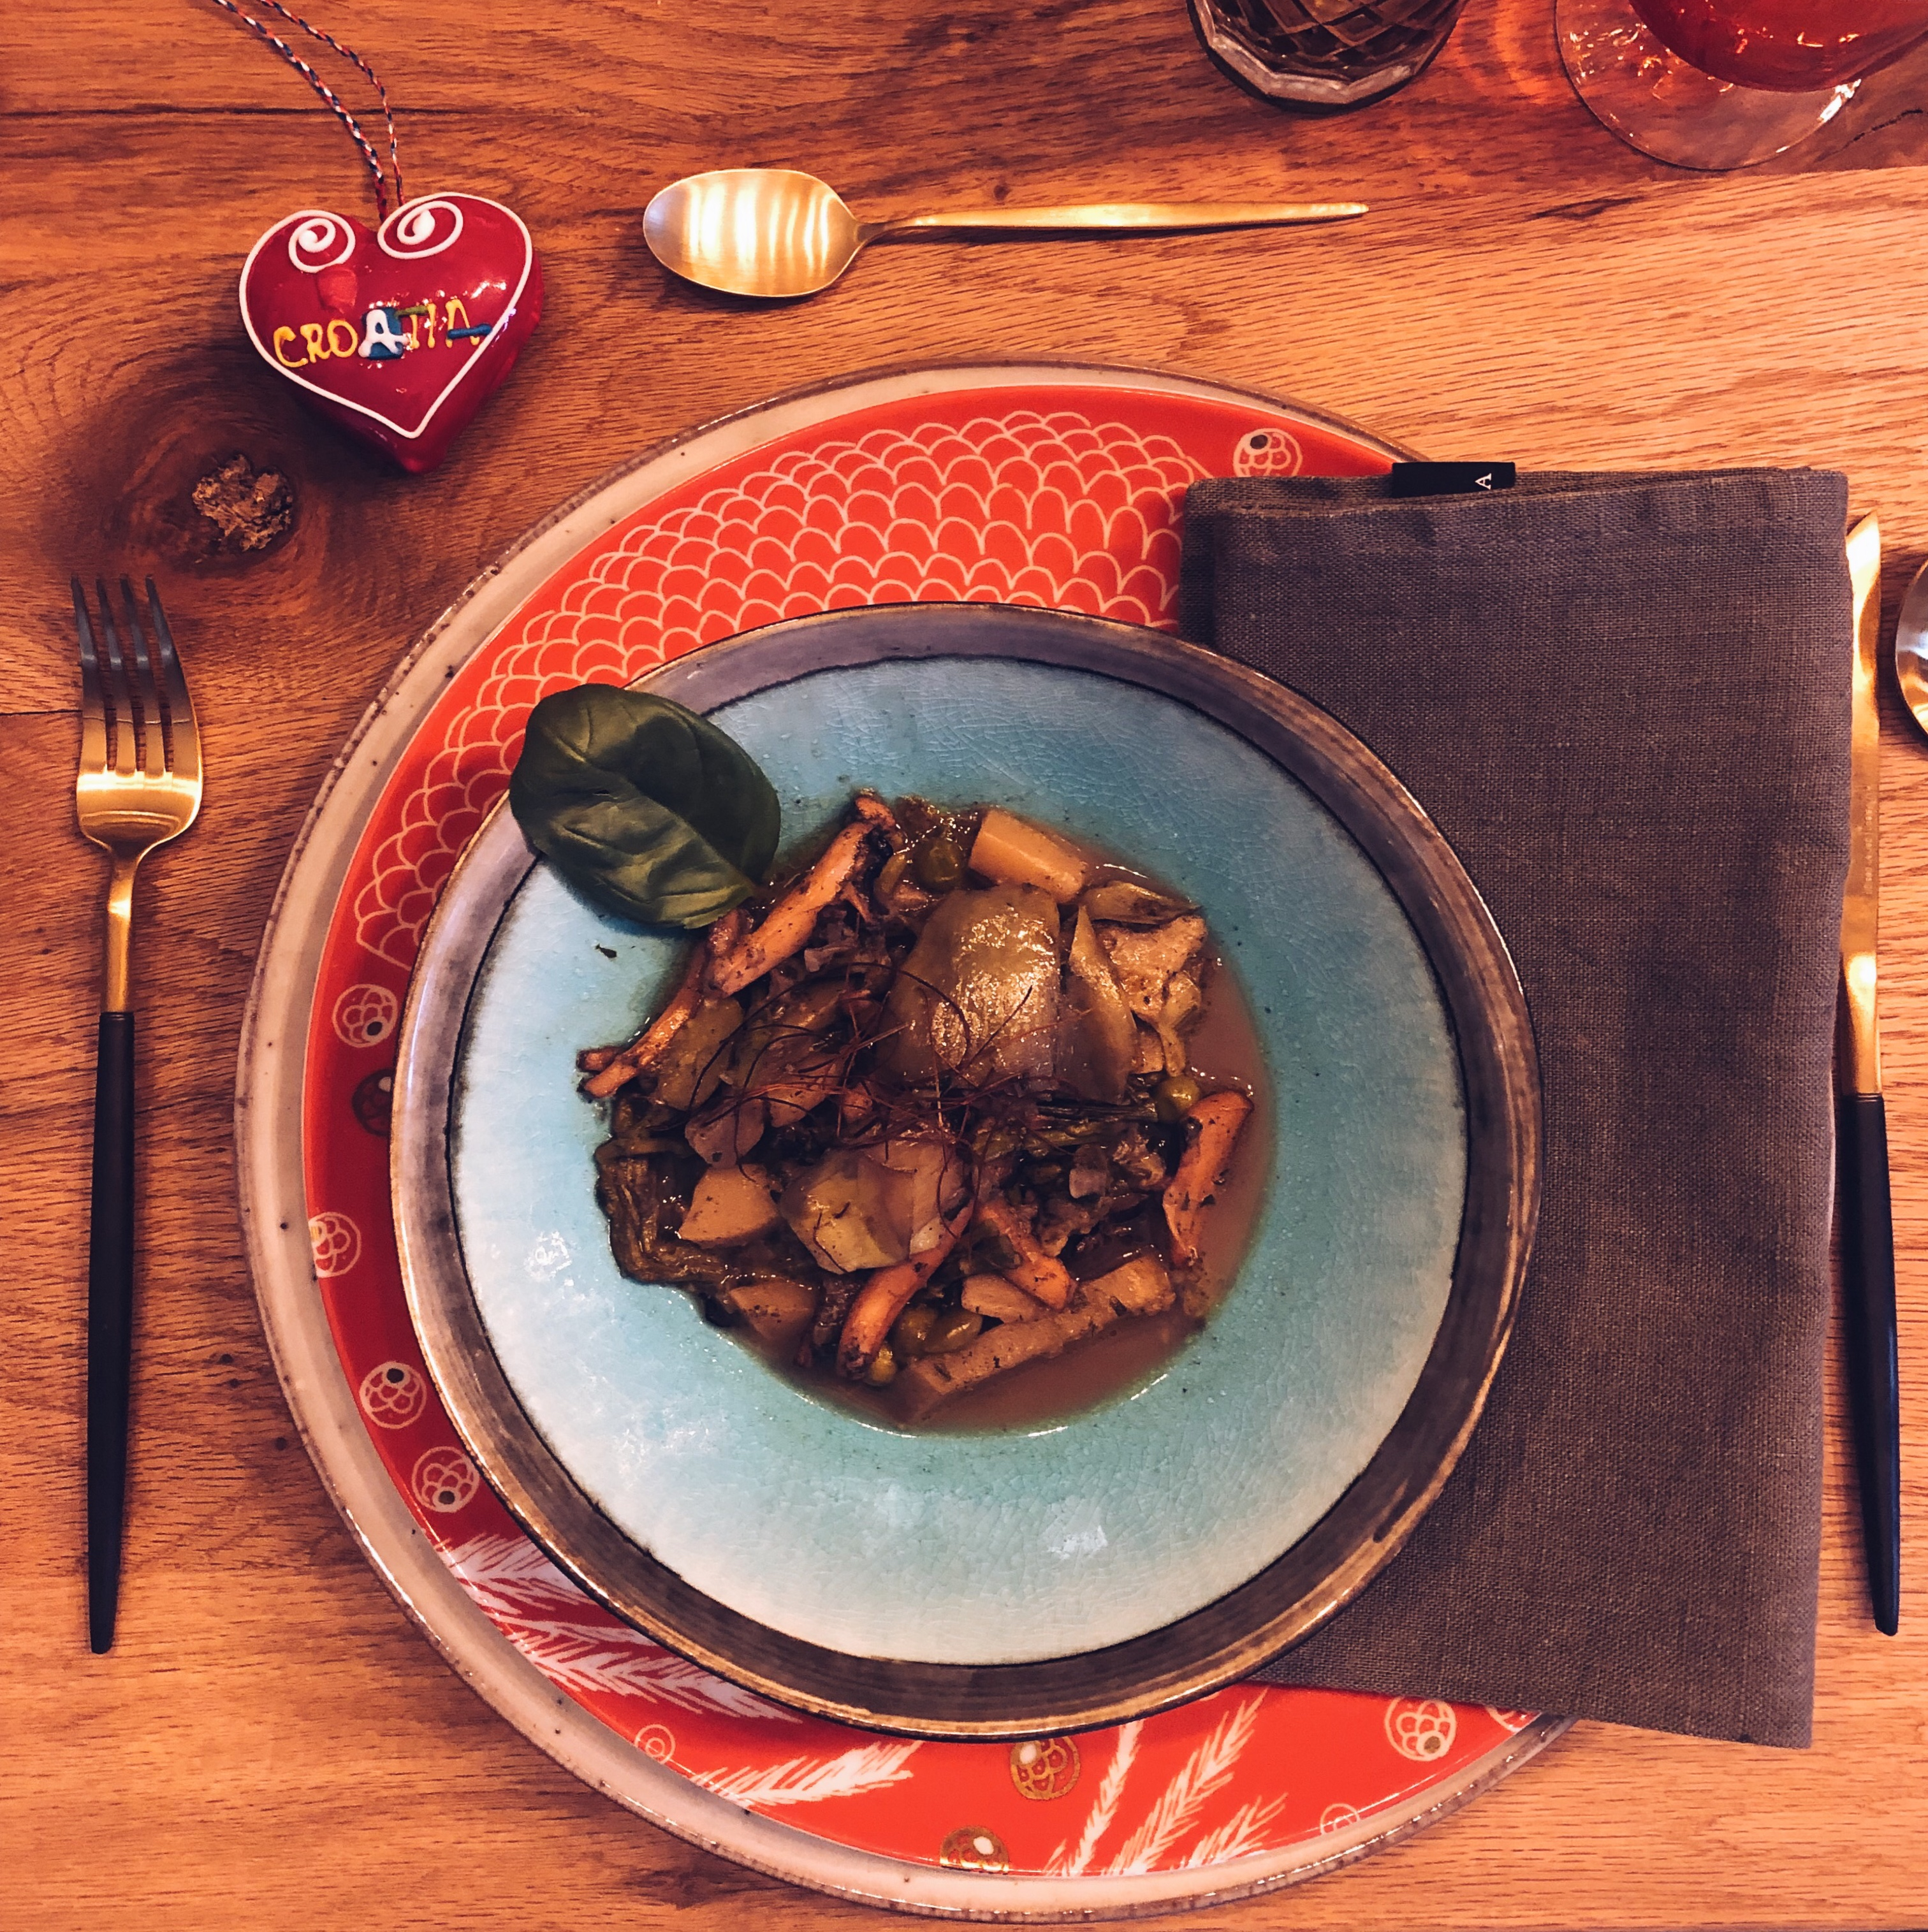 Guazzetto di seppie - piatto tipico della cucina mediterranea croata